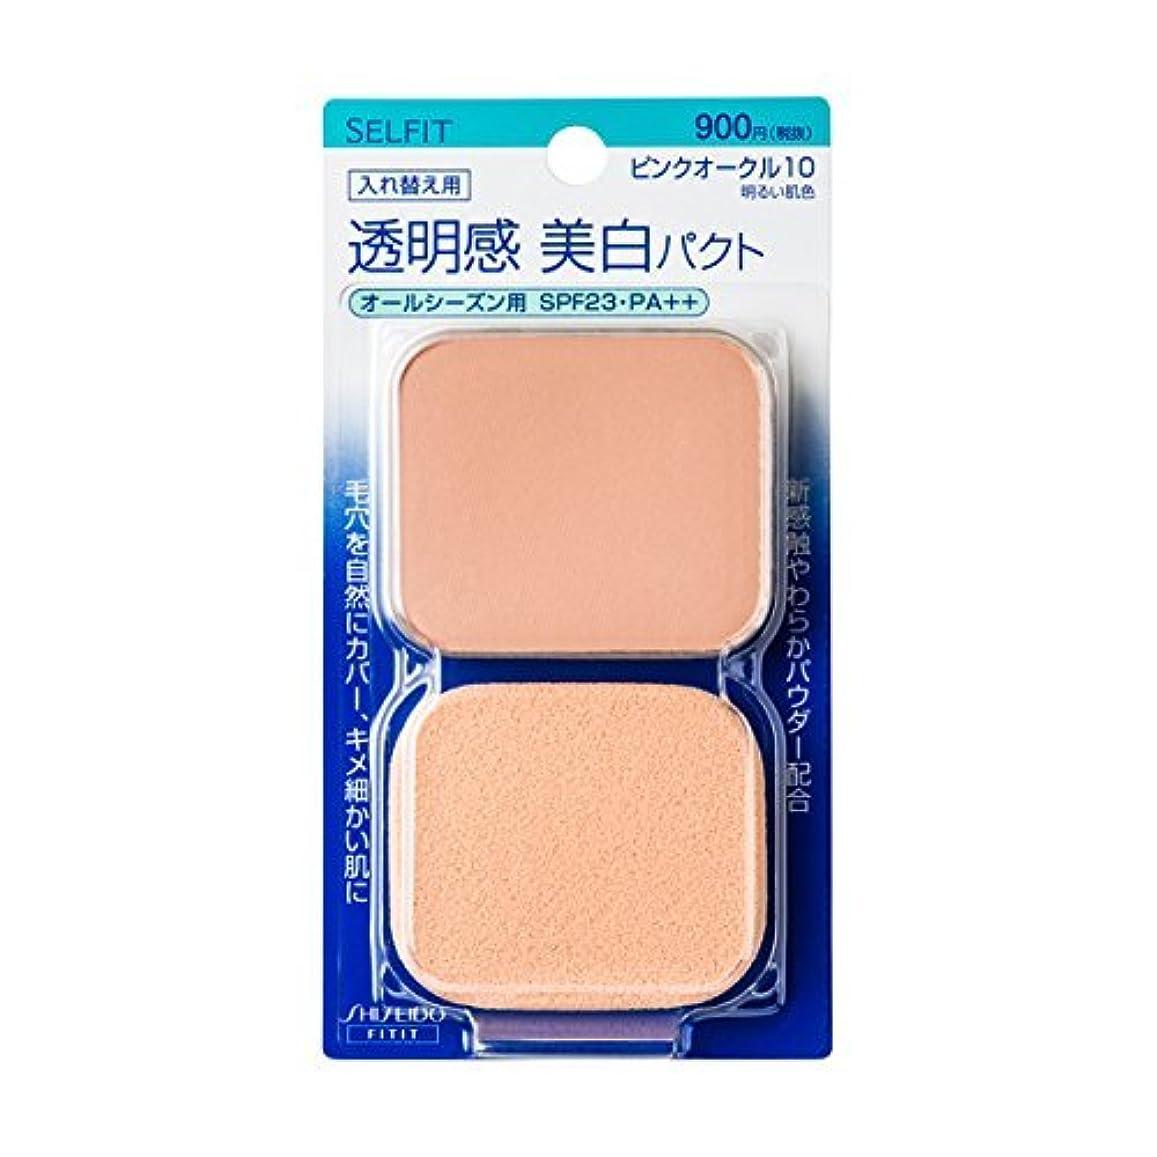 したい通貨協会セルフィット ピュアホワイトファンデーション ピンクオークル10 (レフィル) 13g×3個